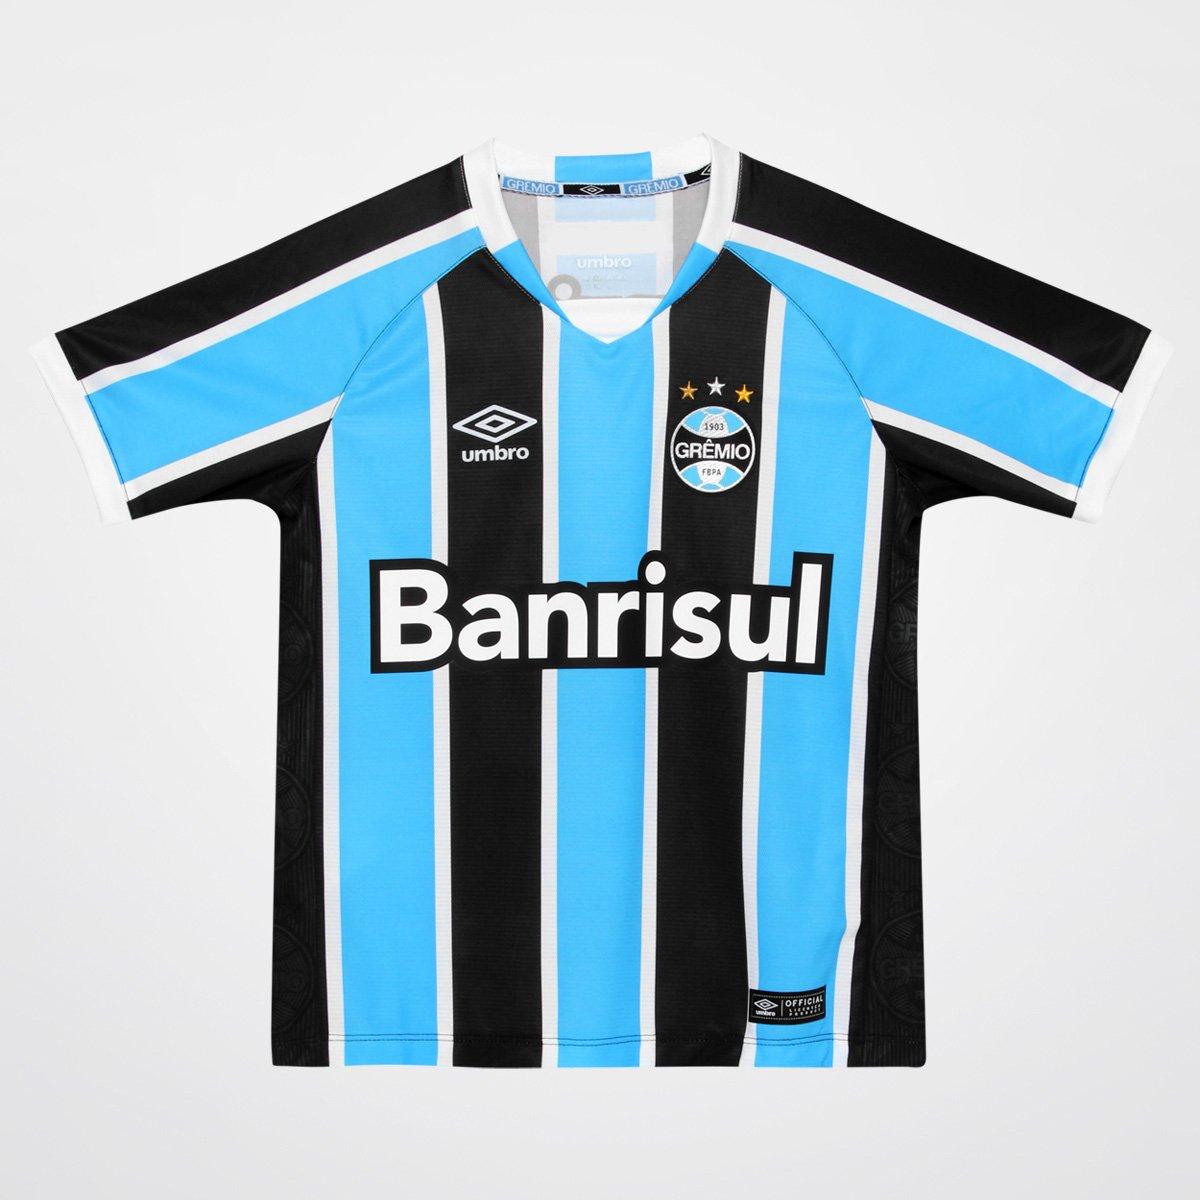 6fd1ff9b6ced7 Camisa Umbro Grêmio I 2016 nº 10 Juvenil - Compre Agora